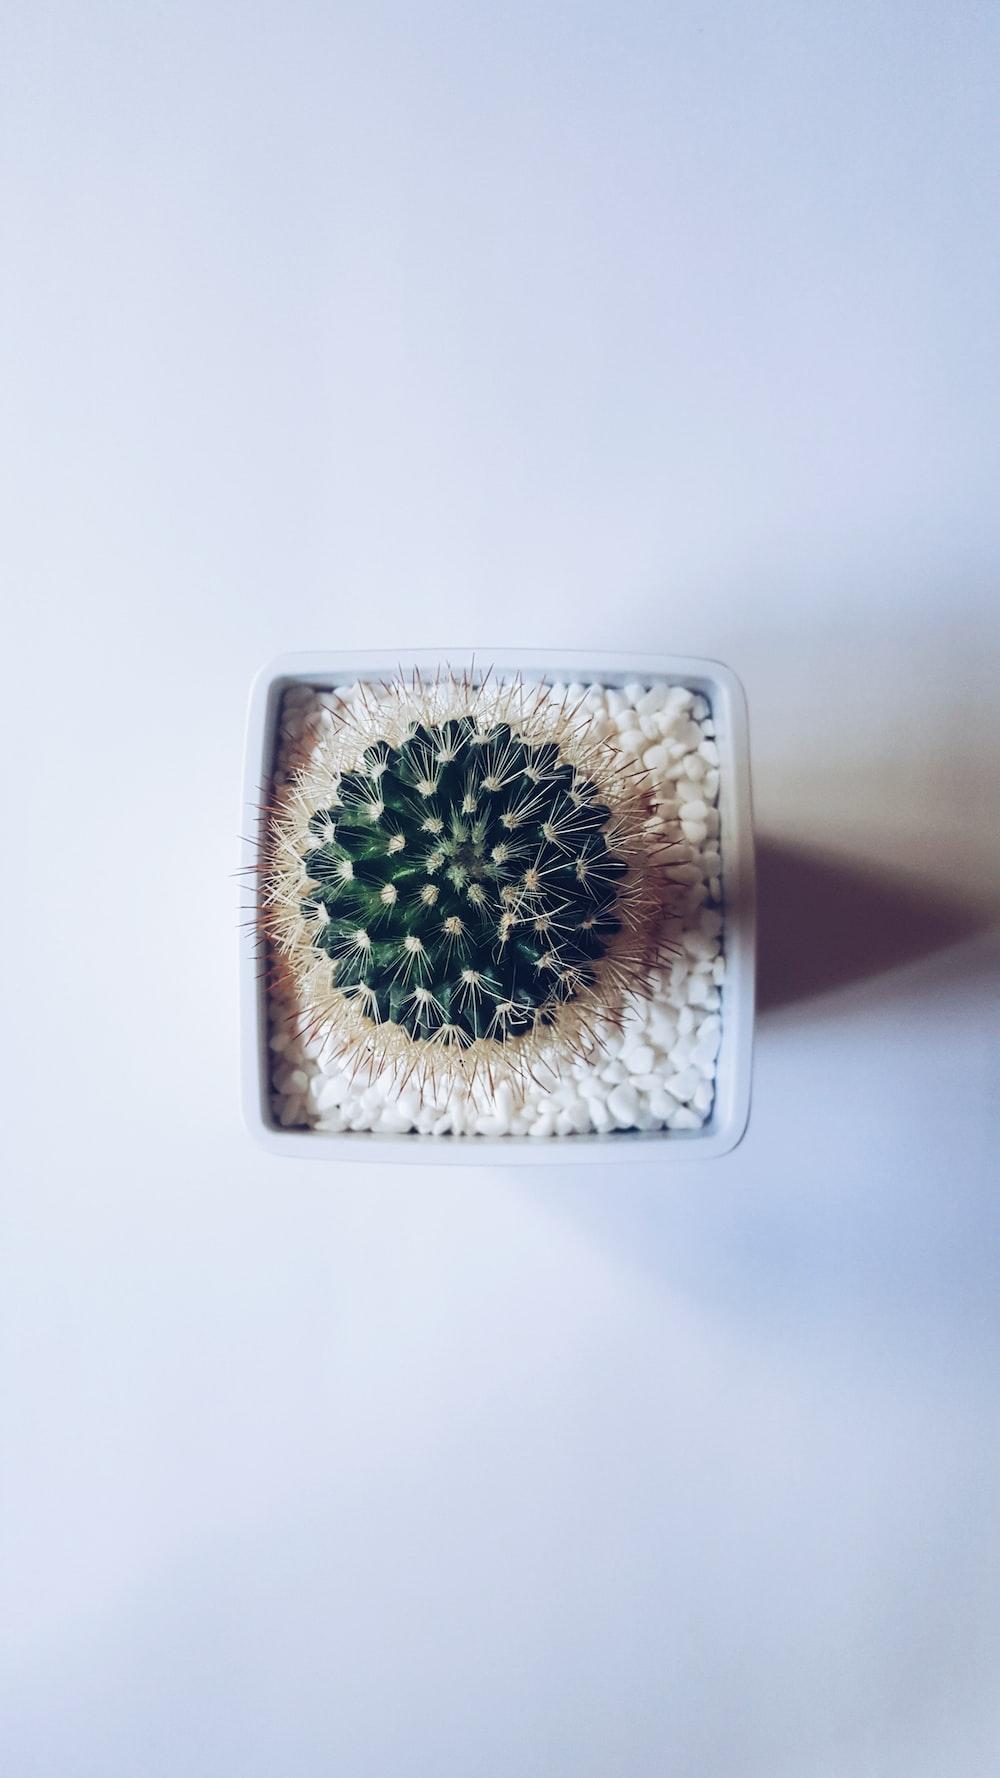 cactus succulent plant on white vase